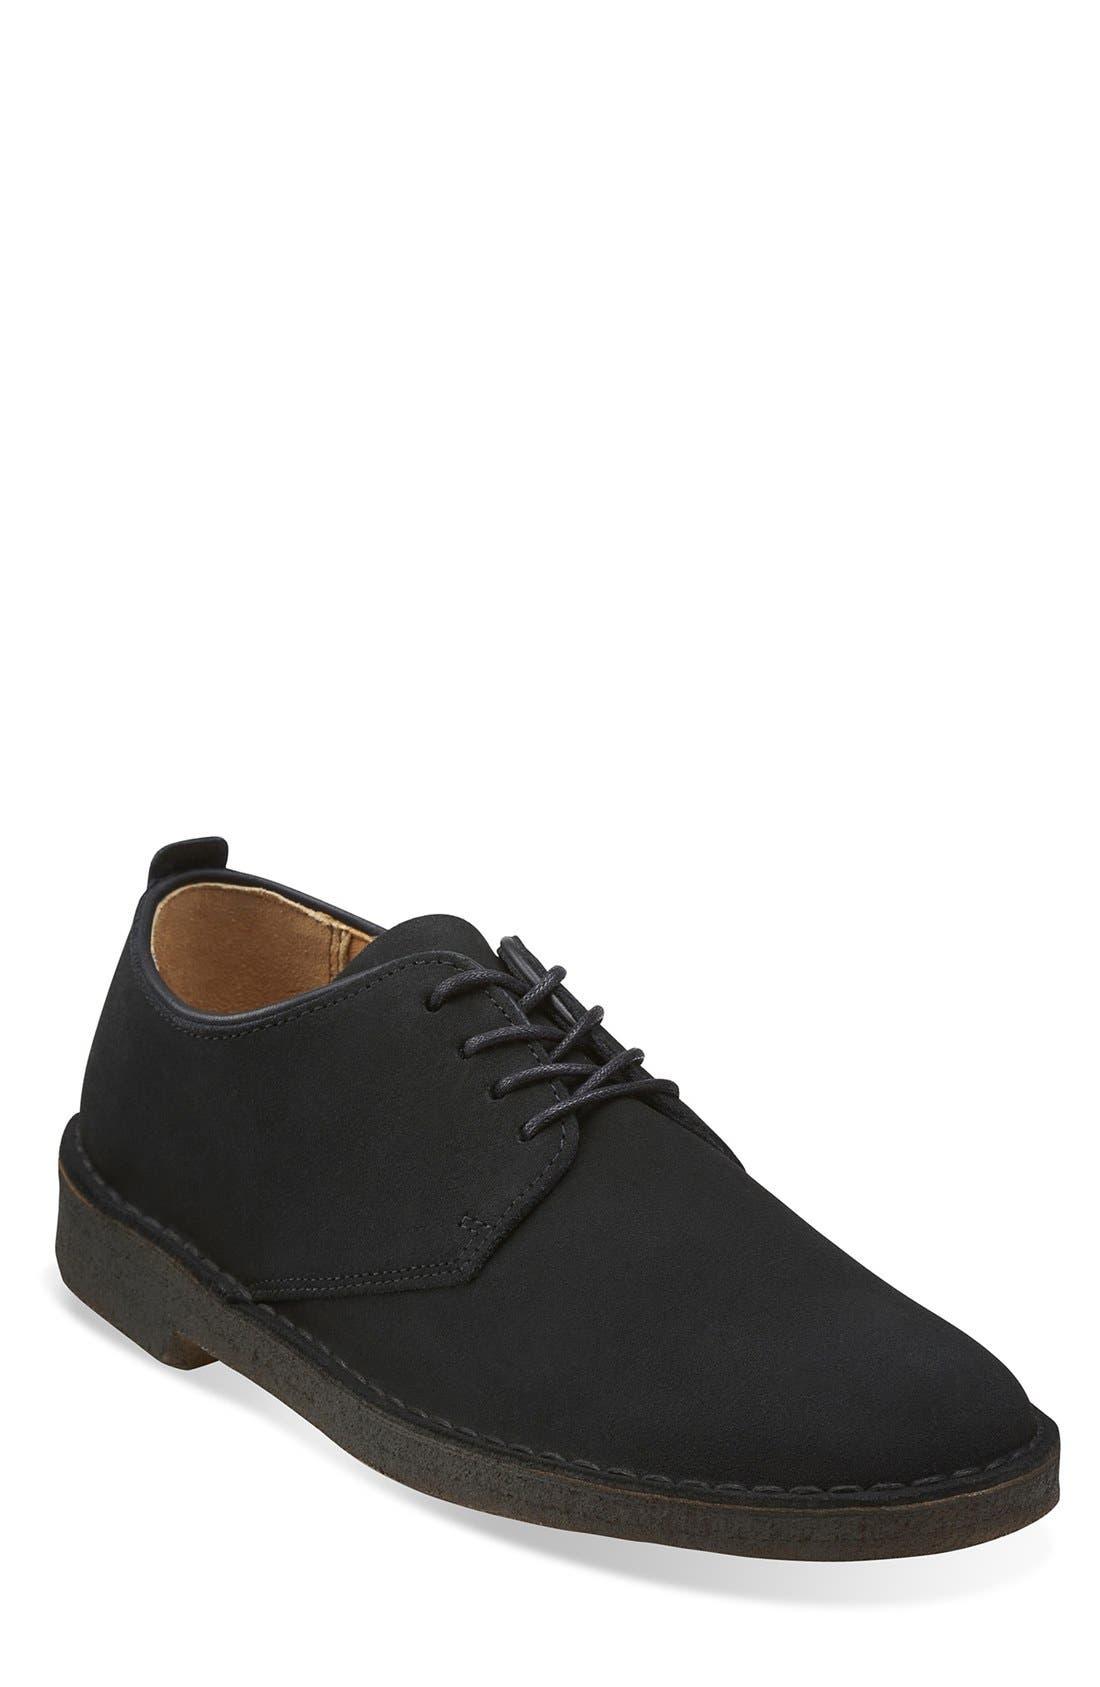 Clarks<sup>®</sup> 'Desert London' Plain Toe Derby,                         Main,                         color, Black Suede